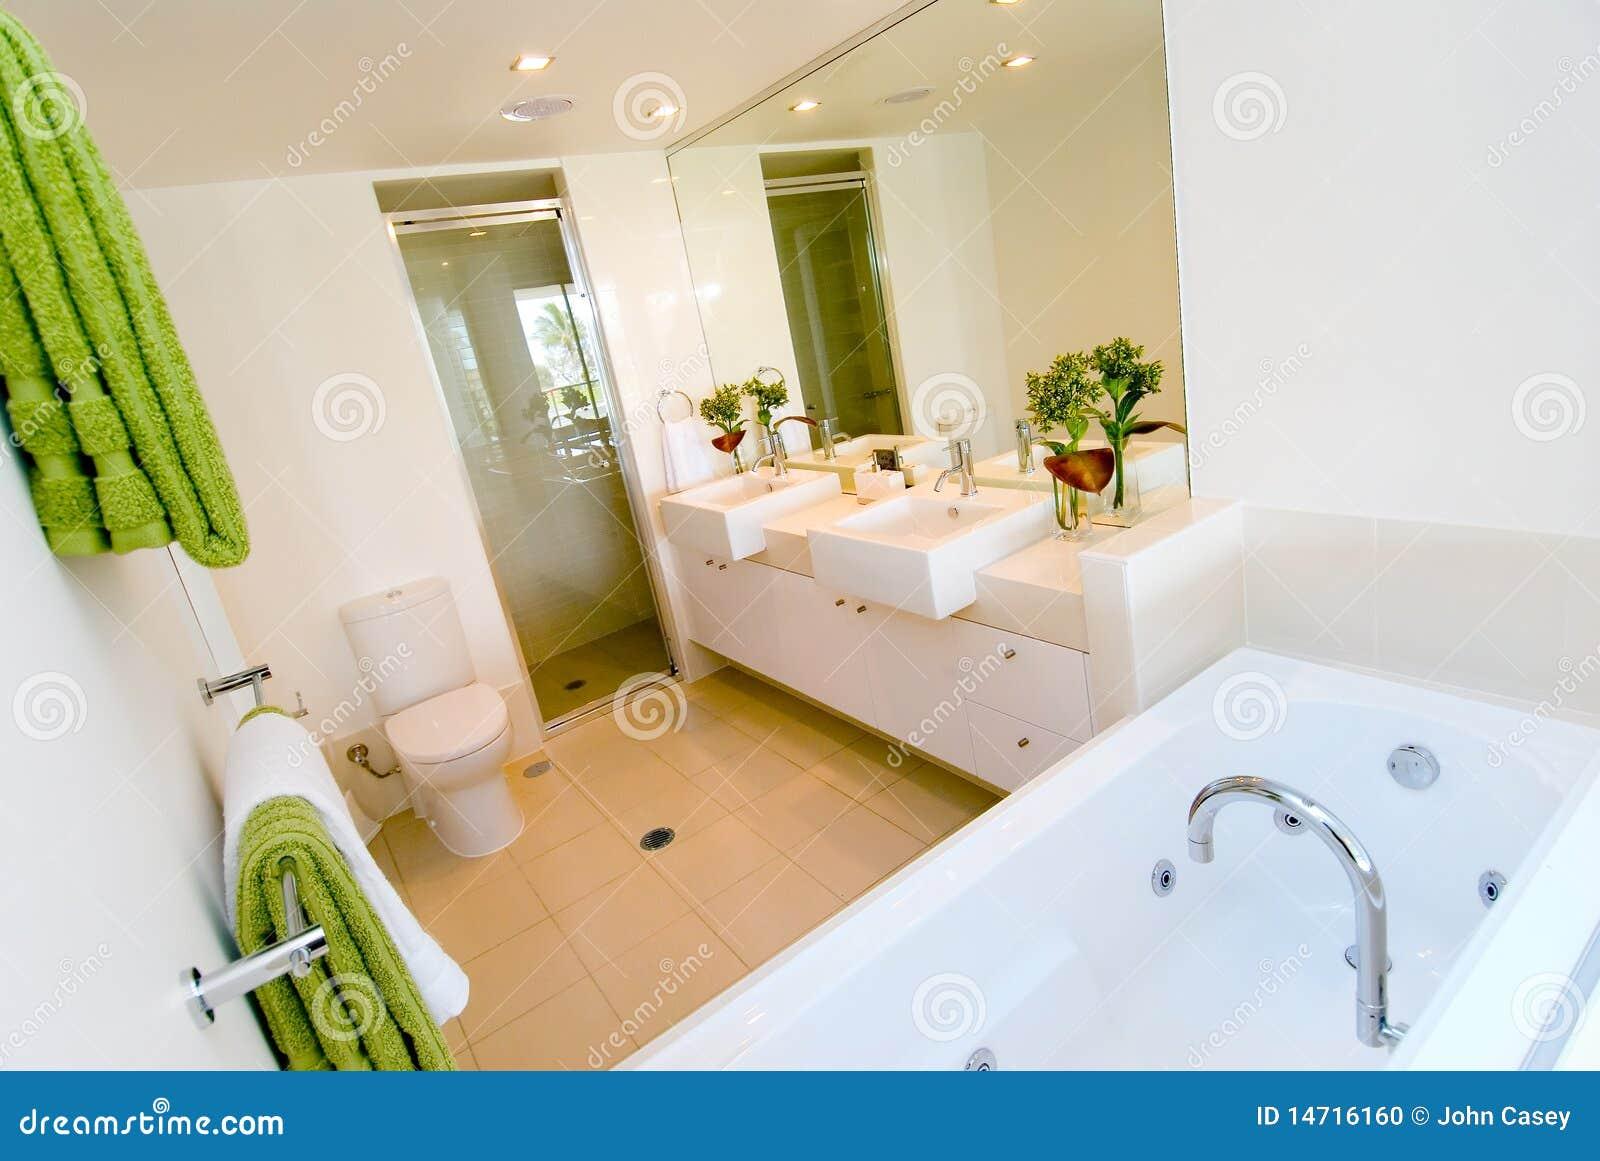 Une salle de bains moderne de luxe photo stock image for Salle de bain de luxe moderne